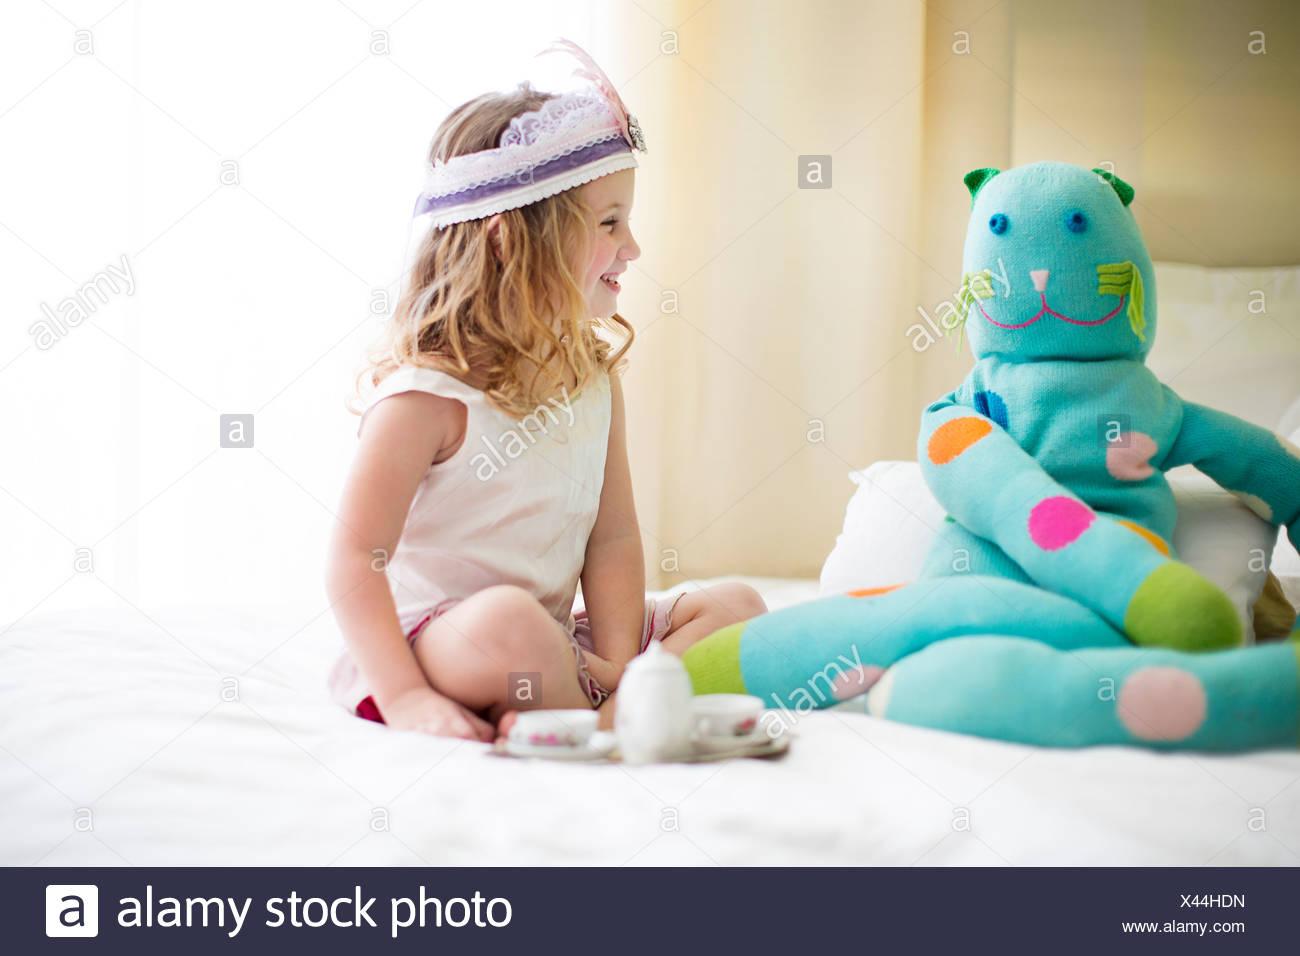 Jeune fille adorable en peluche avec thé partage on bed Photo Stock